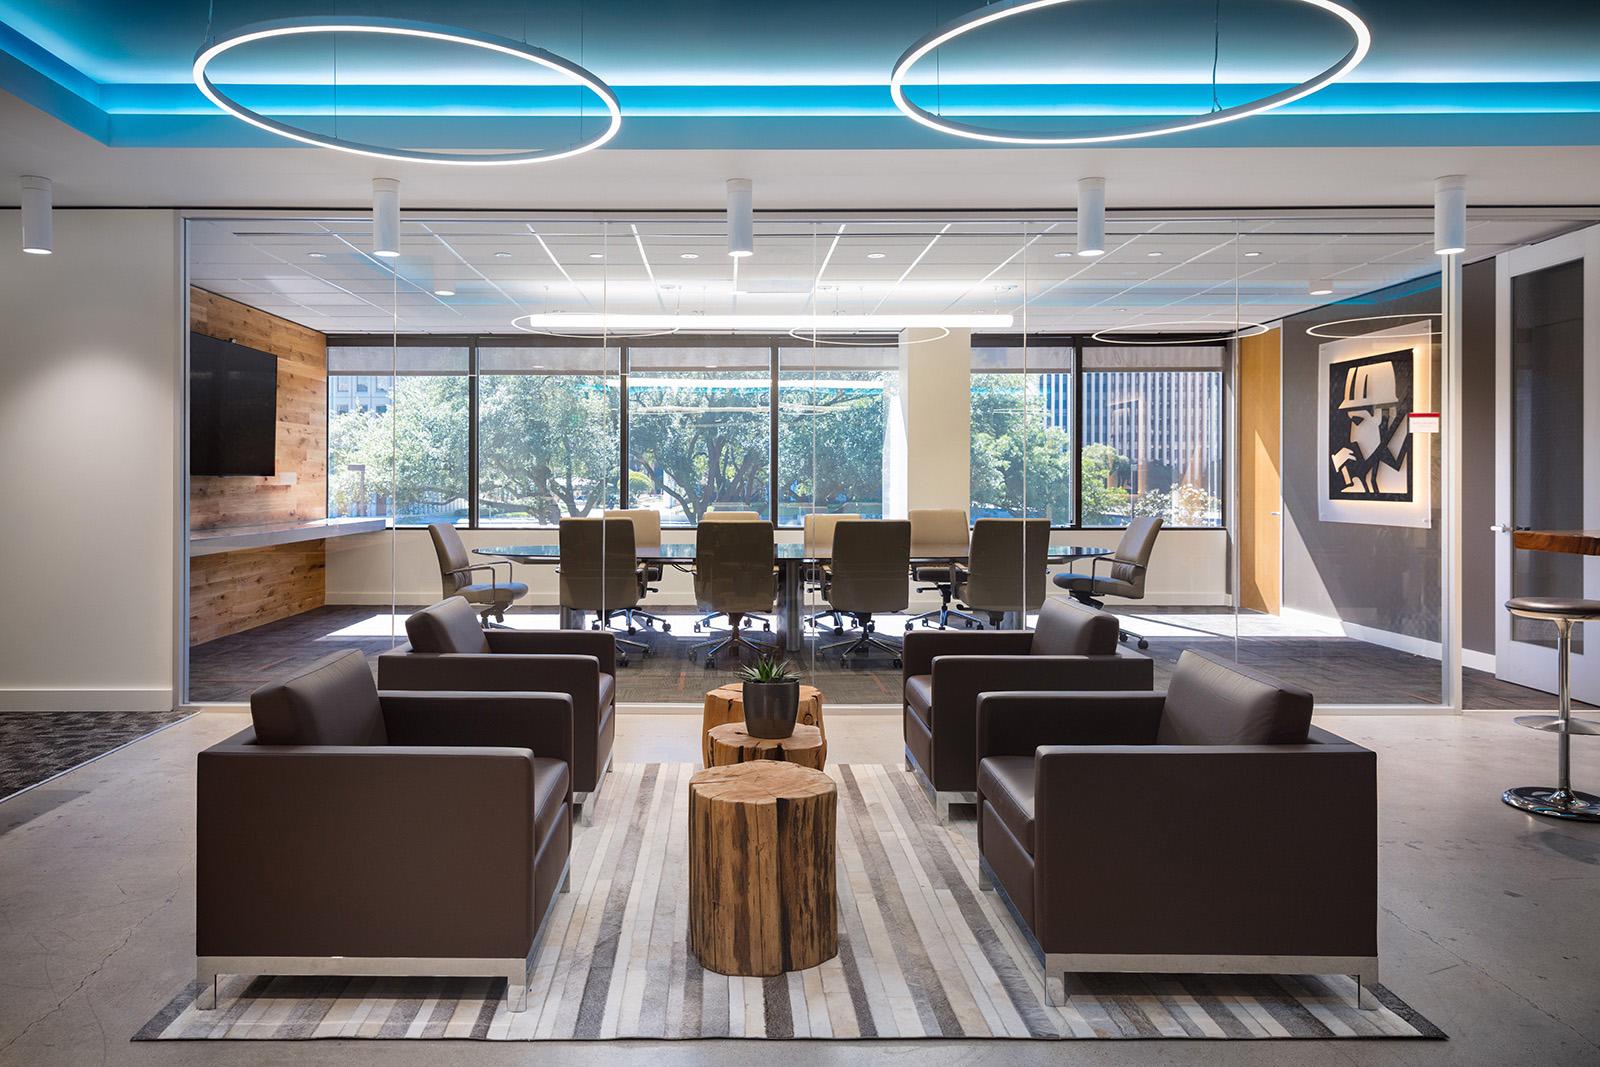 No Mccarthy Office, Houston, USA tudo foi pensado para transmitir conforto ambiental. Desde a utilização de iluminação natural mesclando com iluminação artificial, climatização, conforto acústico dentro da sala de reuniões e ergonomia em todo o mobiliário.